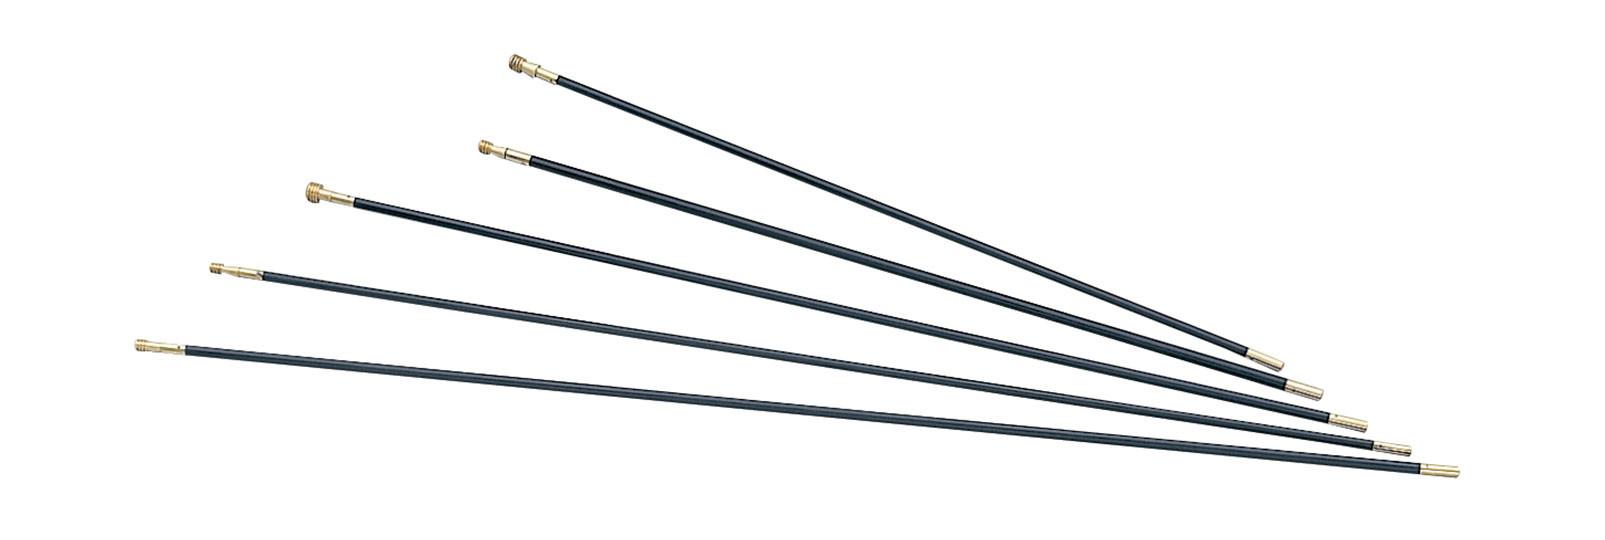 Muzzleloading Fiberglass ramrods 9x640mm